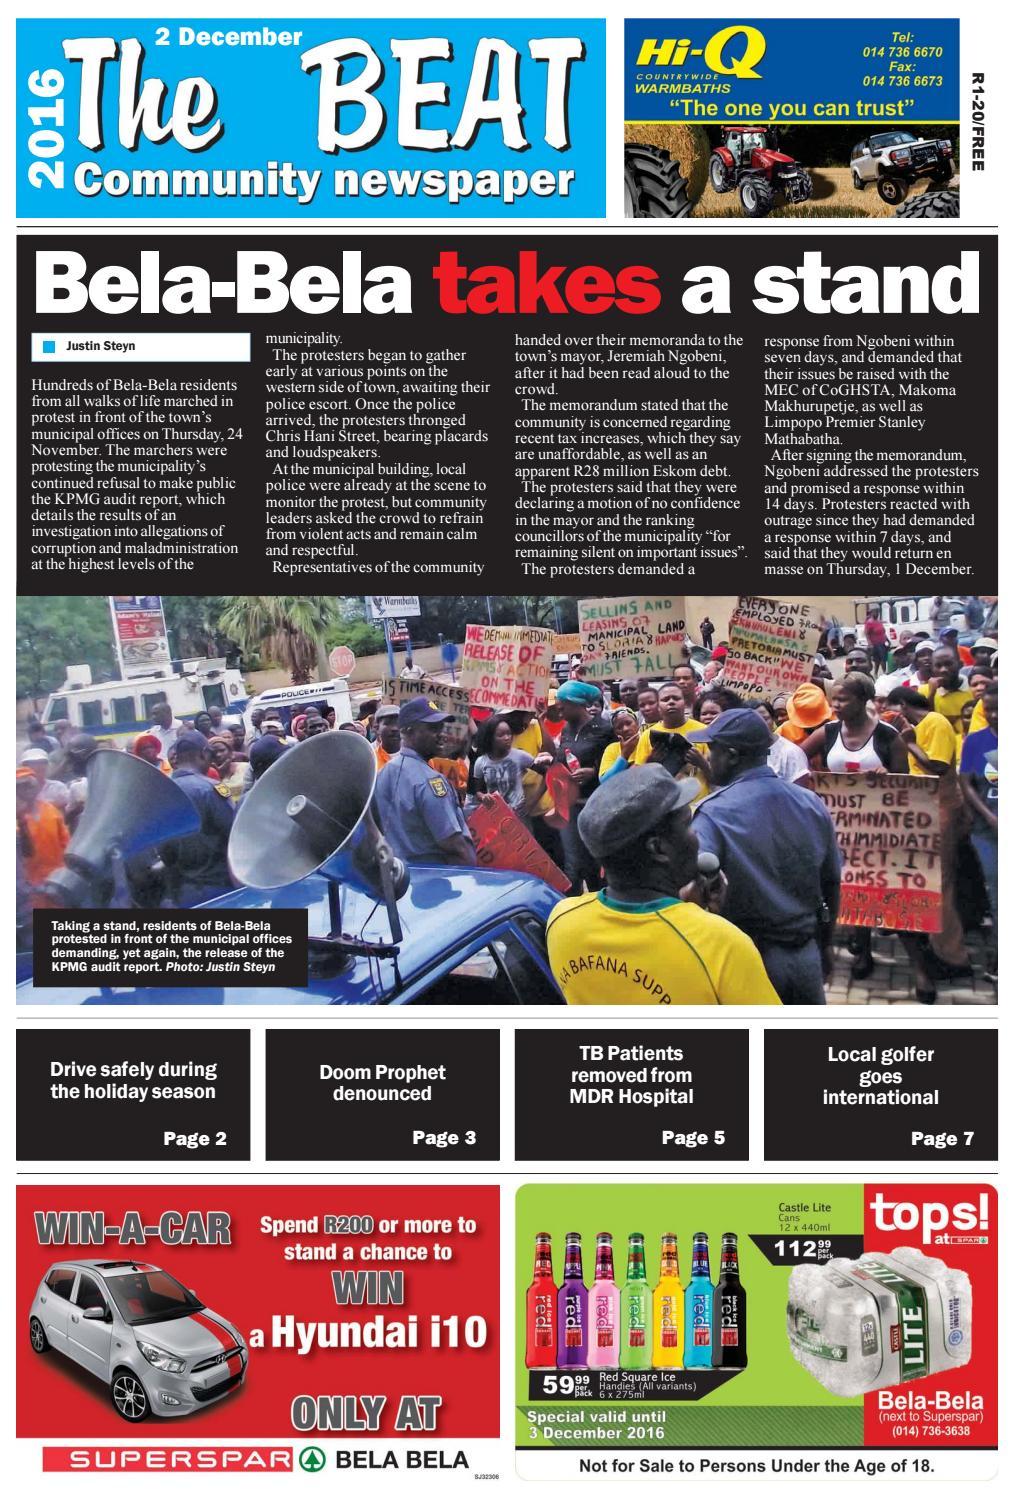 The Beat 2 December 2016 by Die Pos koerant/newspaper - issuu